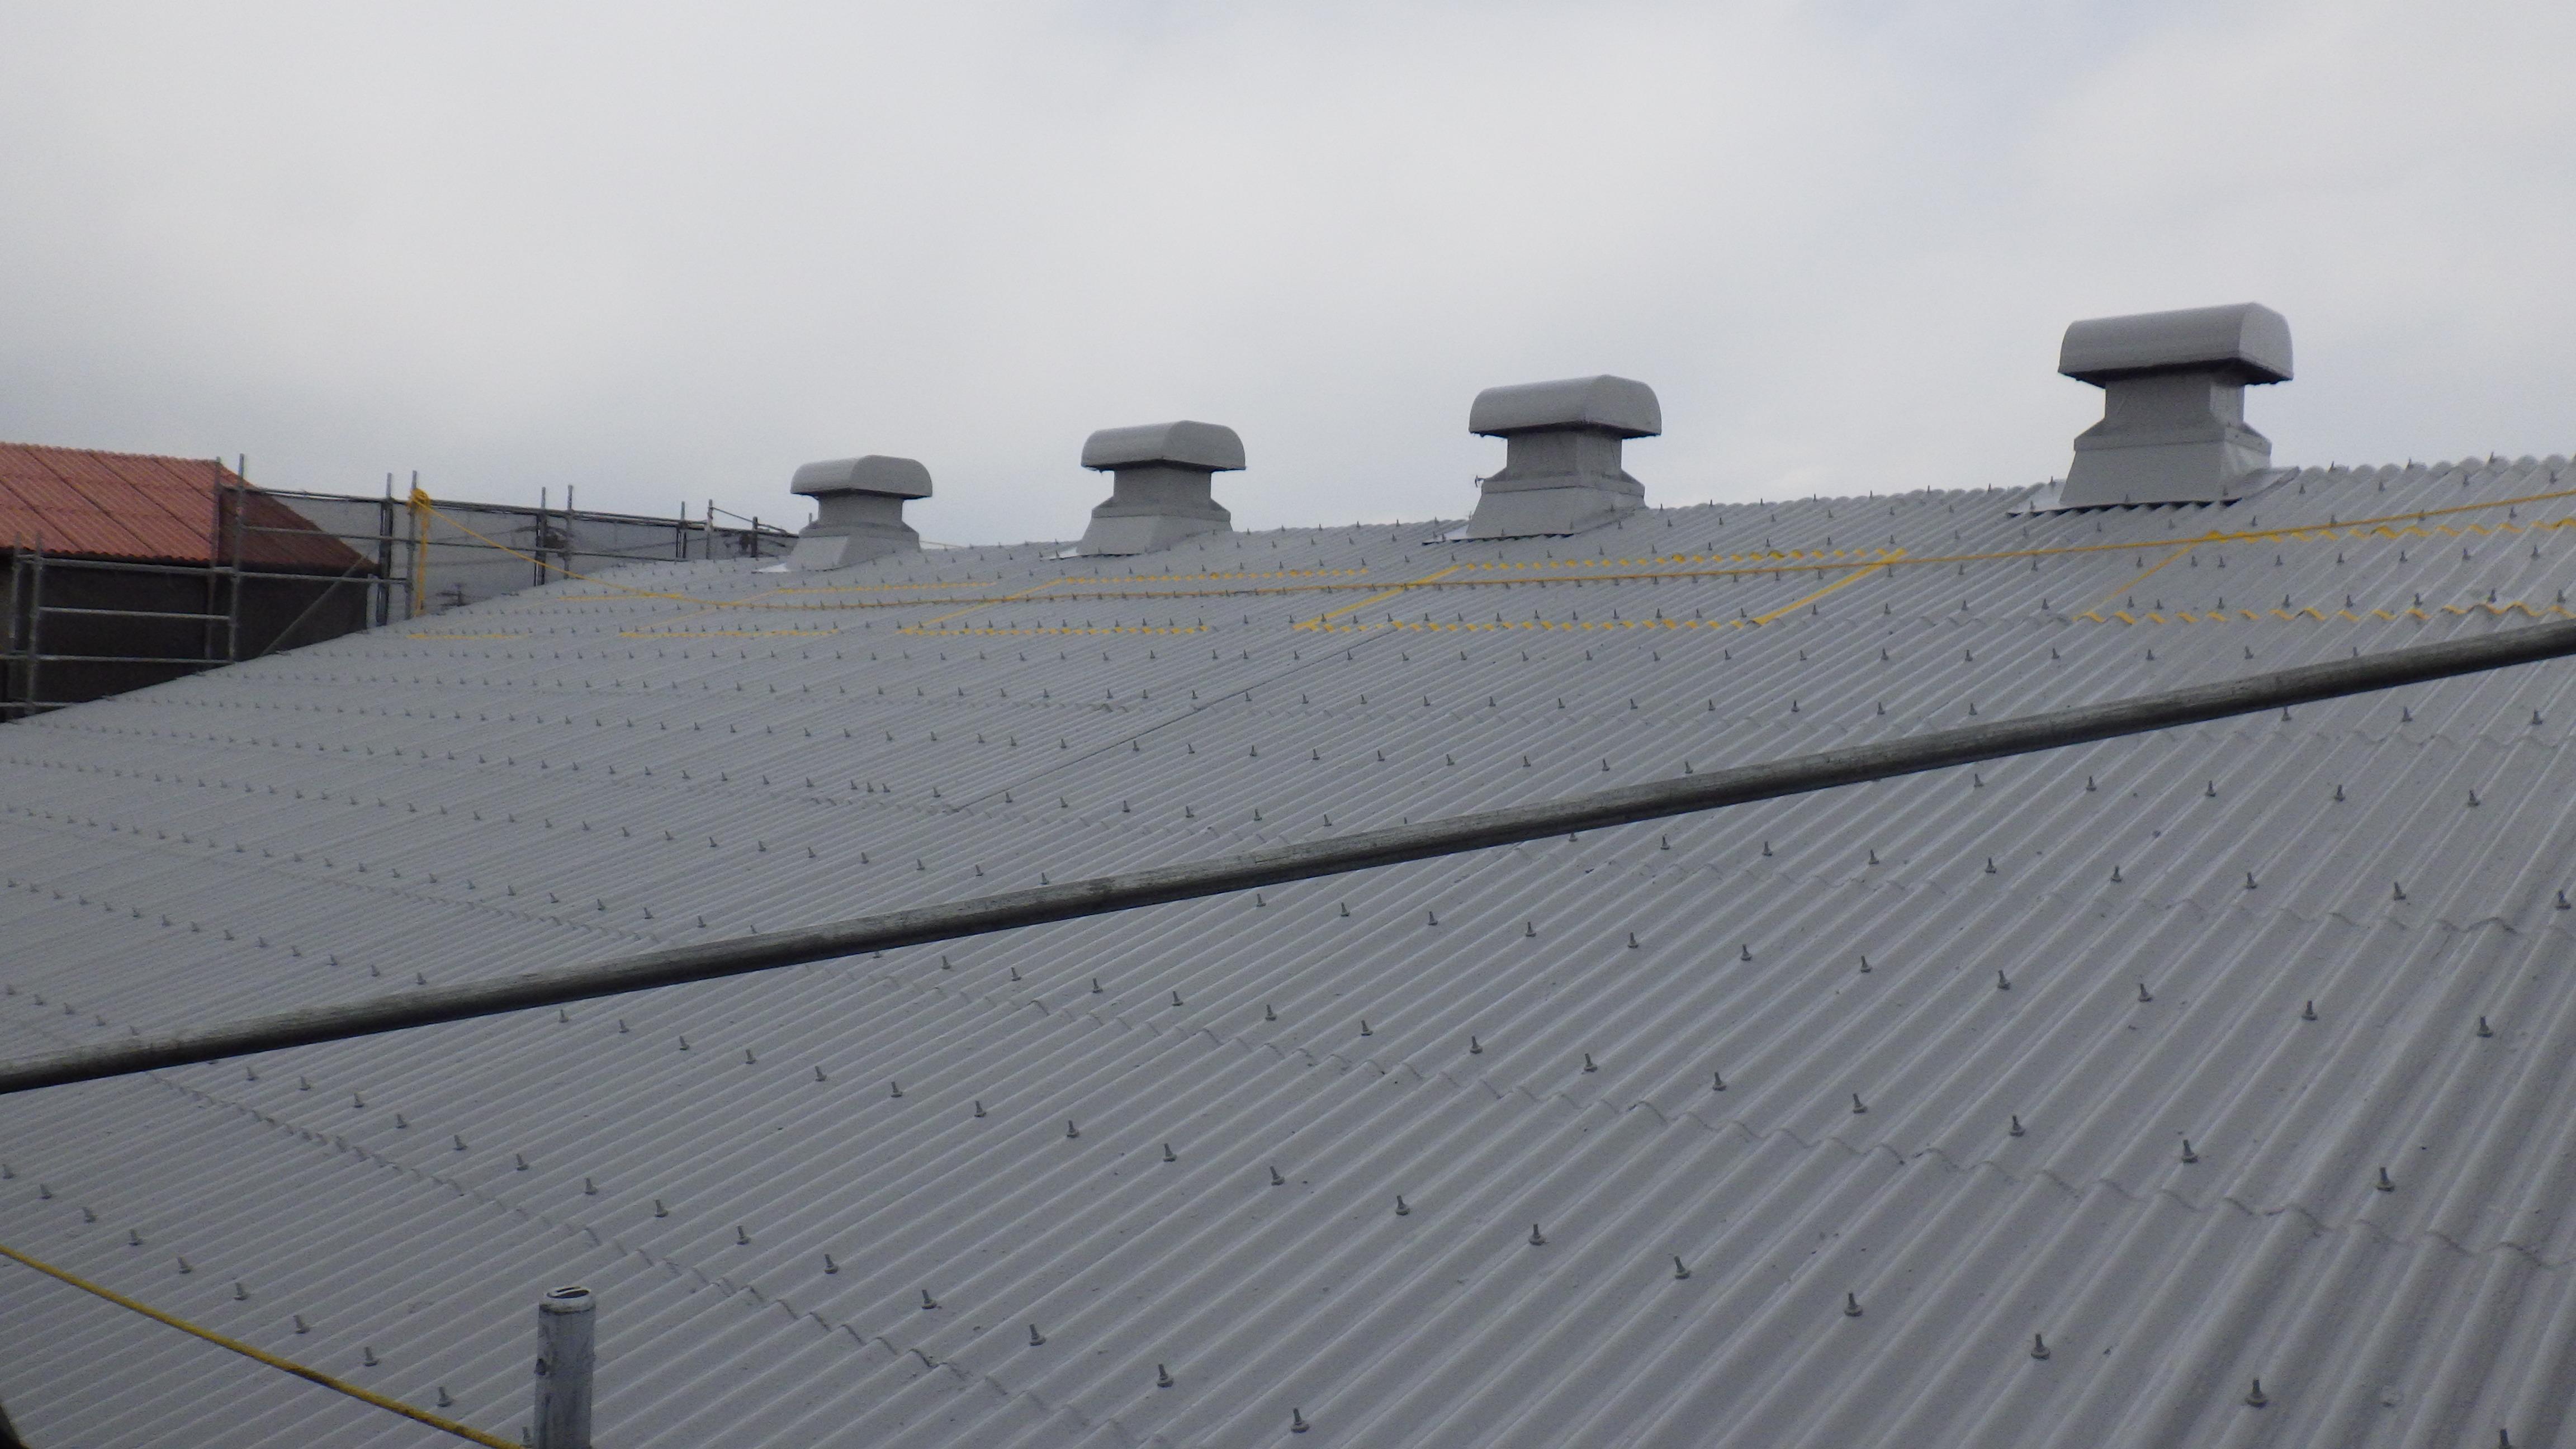 ポリウレア施工実績 食品配送倉庫 スレート屋根防水補強ライニング(防水・補強)NUKOTEポリウレアST